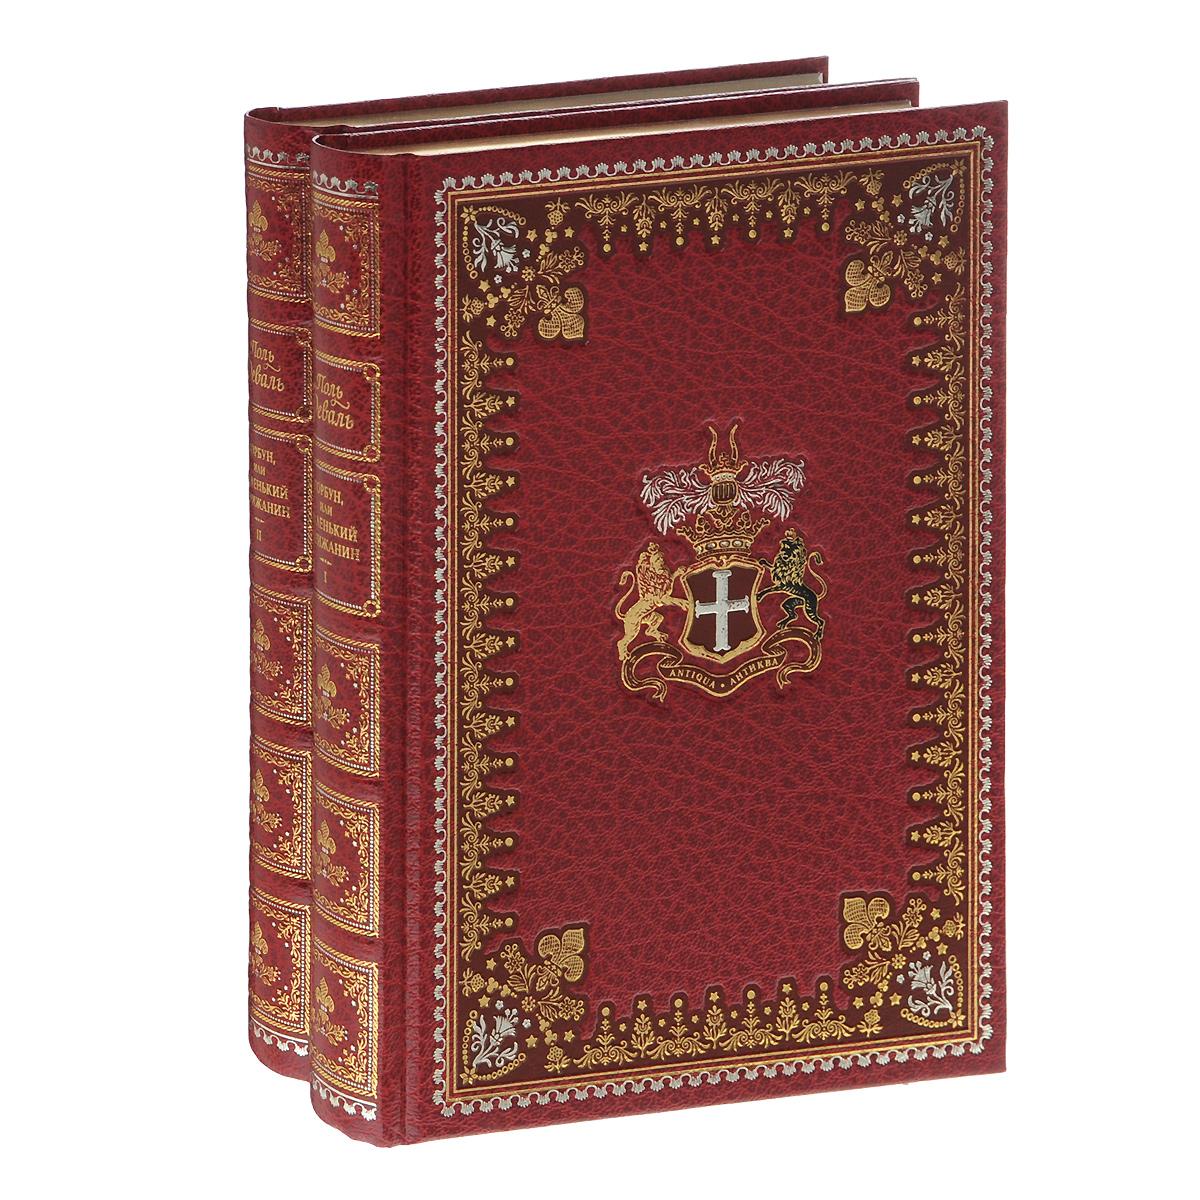 Поль Феваль Горбун, или Маленький Парижанин (подарочный комплект из 2 книг) поль феваль шевалье фортюн